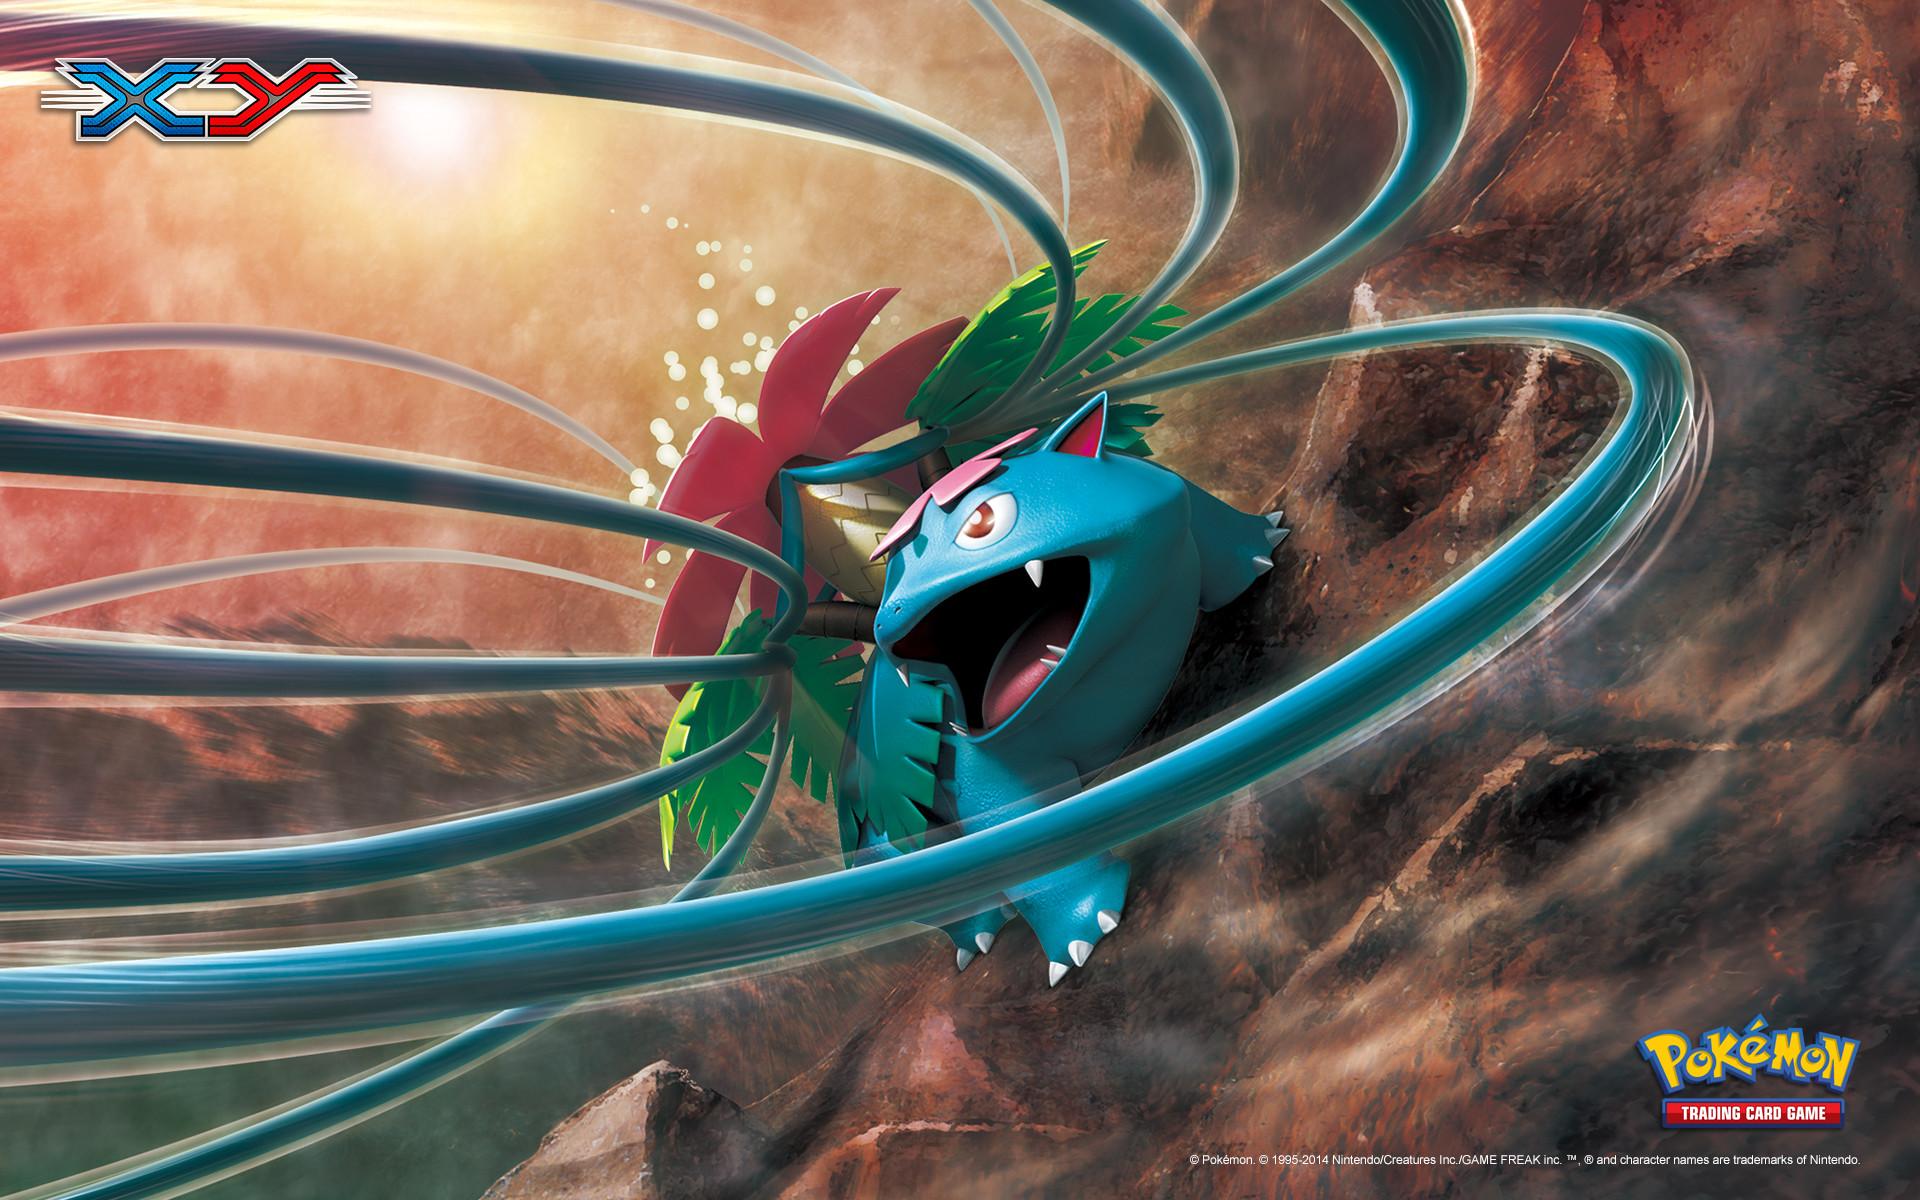 xy1-wallpaper-venusaur-1920×1200.jpg 1,920×1,200 pixels | Pokemon |  Pinterest | Pokémon